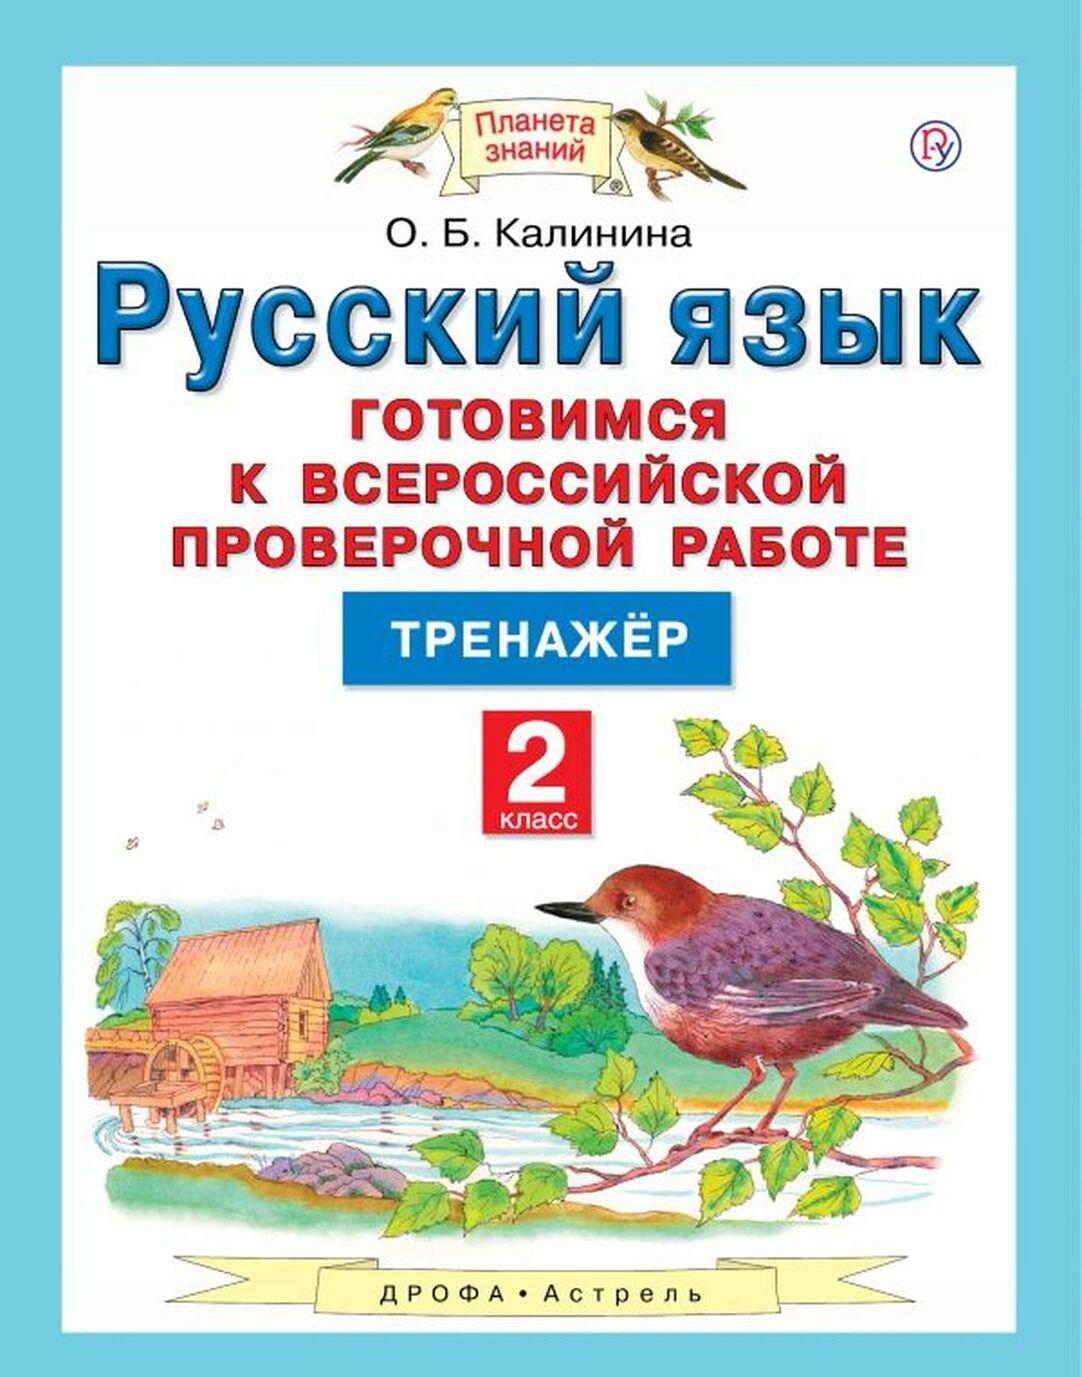 Russkij jazyk. 2 klass. Gotovimsja k Vserossijskoj proverochnoj rabote | Kalinina Olga Borisovna